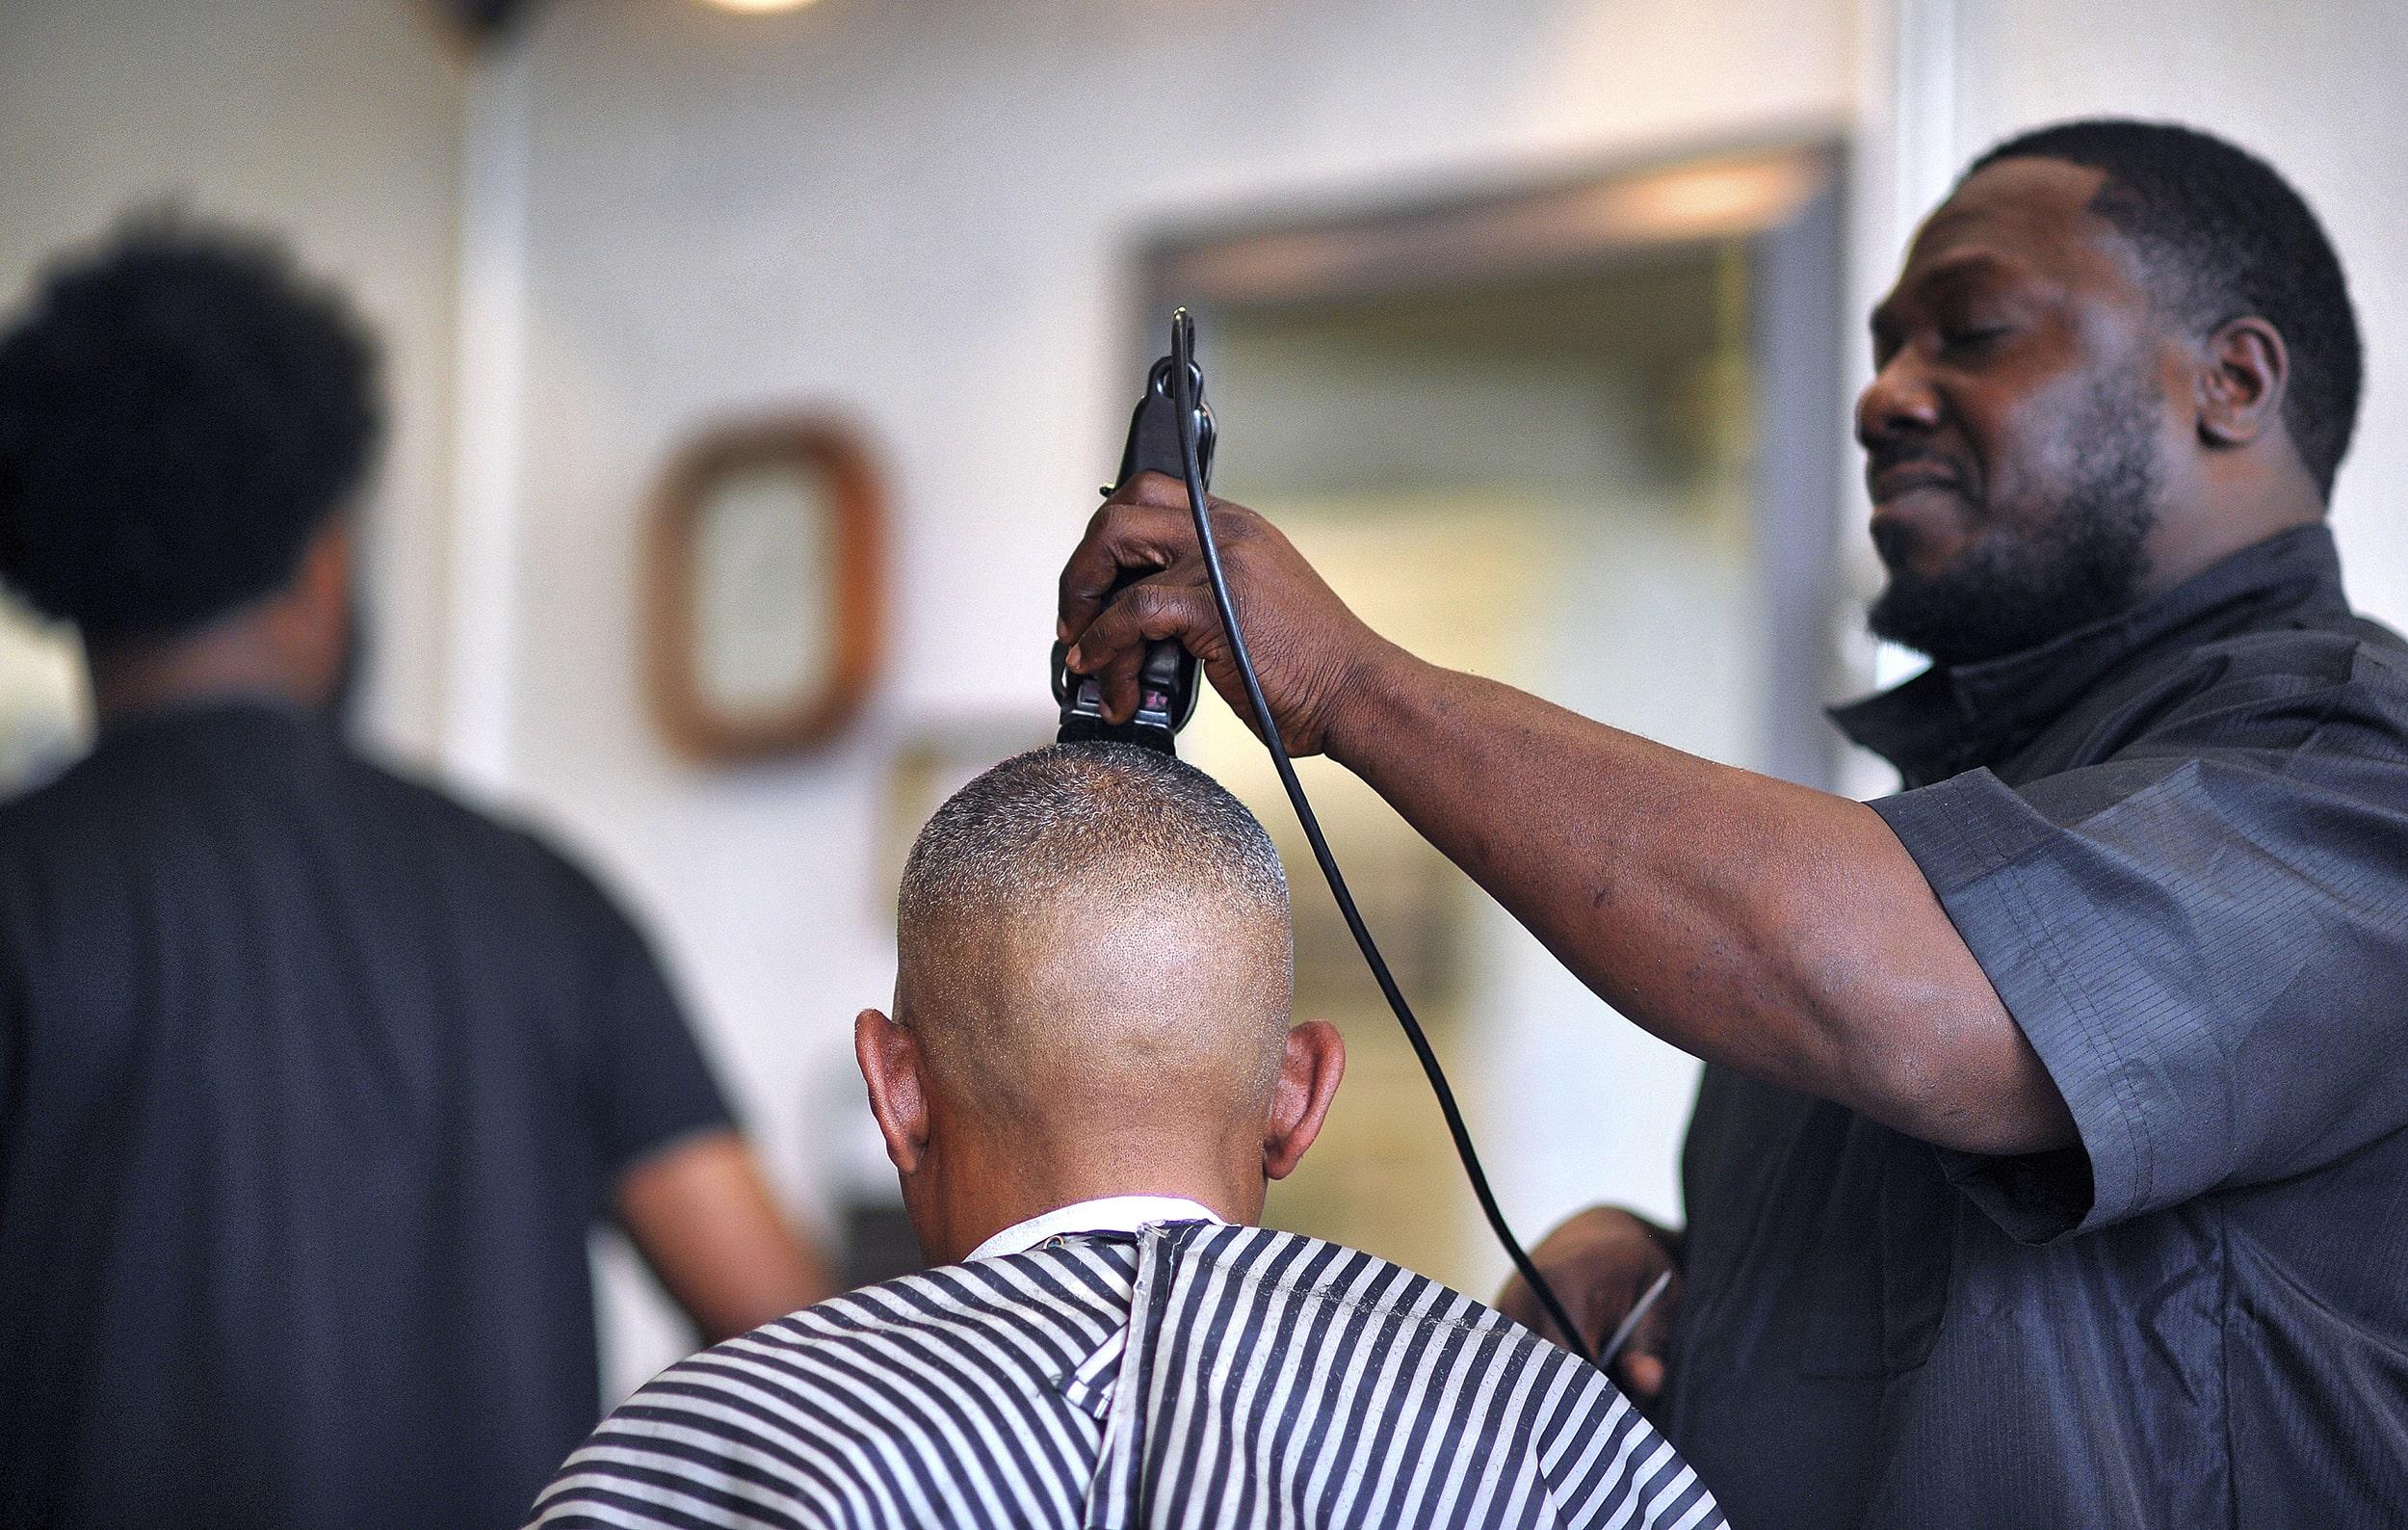 4 coiffeurs démontrent l'importance culturelle et sociale de cette profession pour les Africains